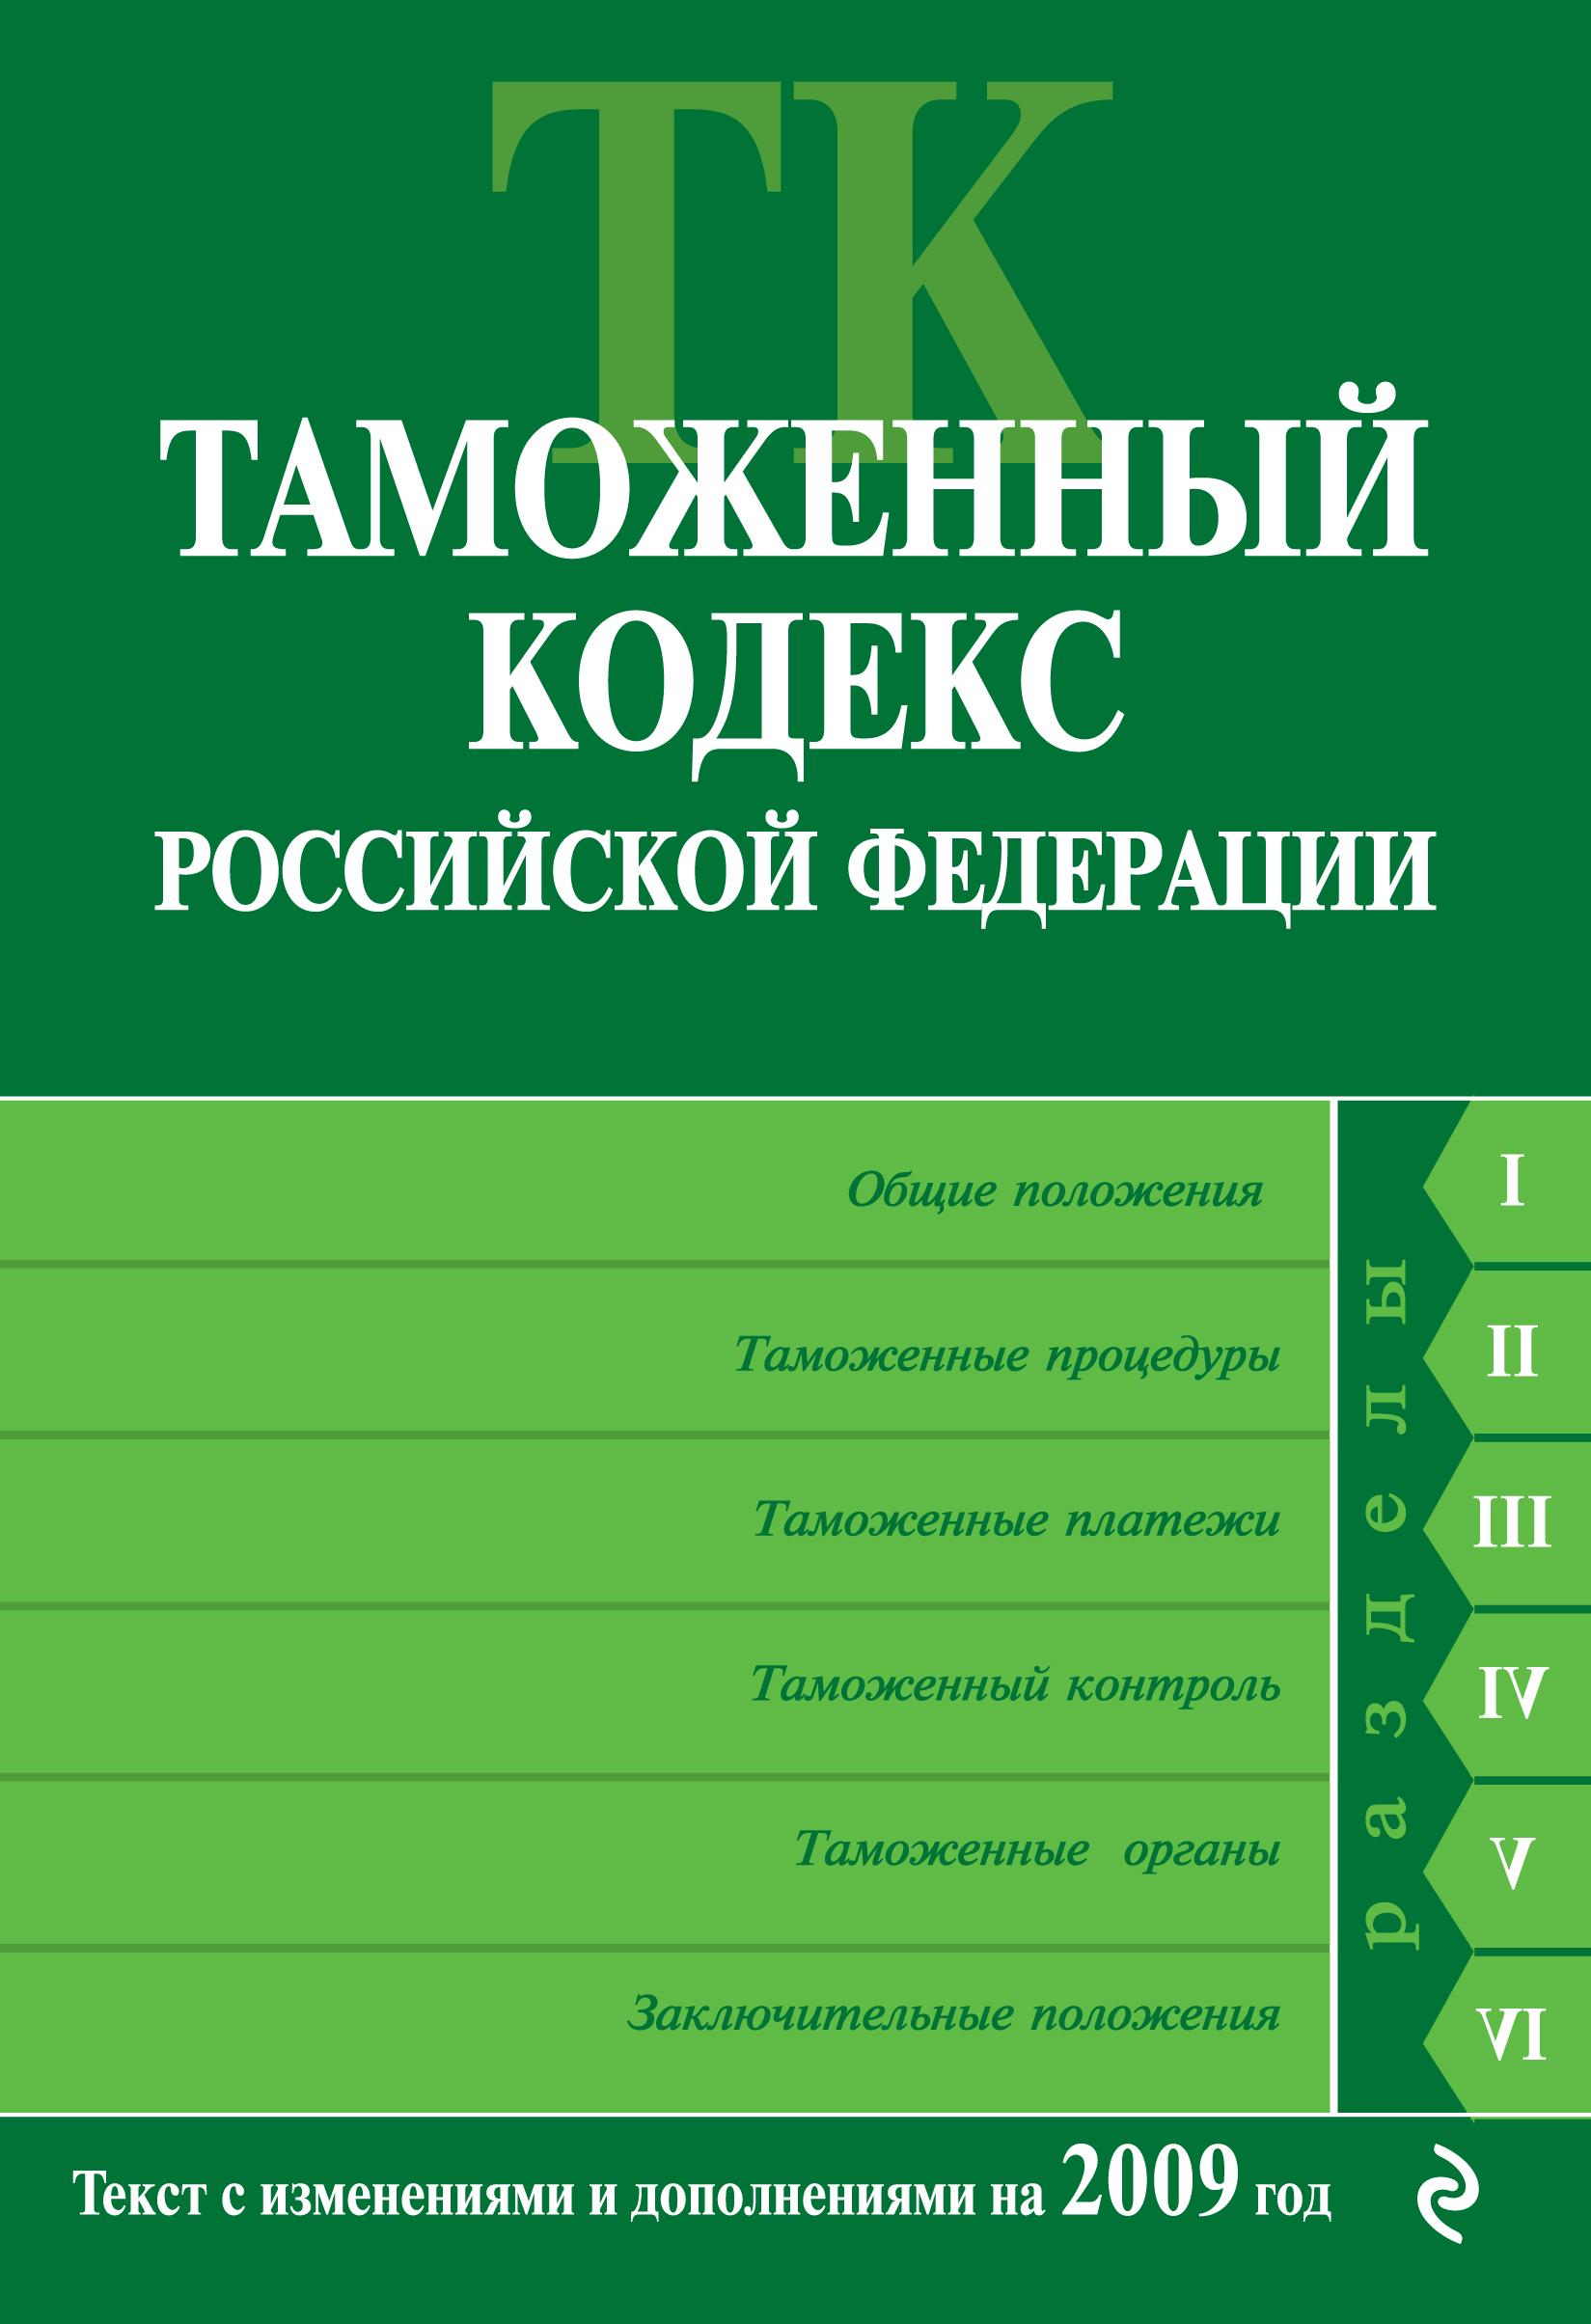 Коллектив авторов Таможенный кодекс Российской Федерации. Текст с изменениями и дополнениями на 2009 год цена и фото